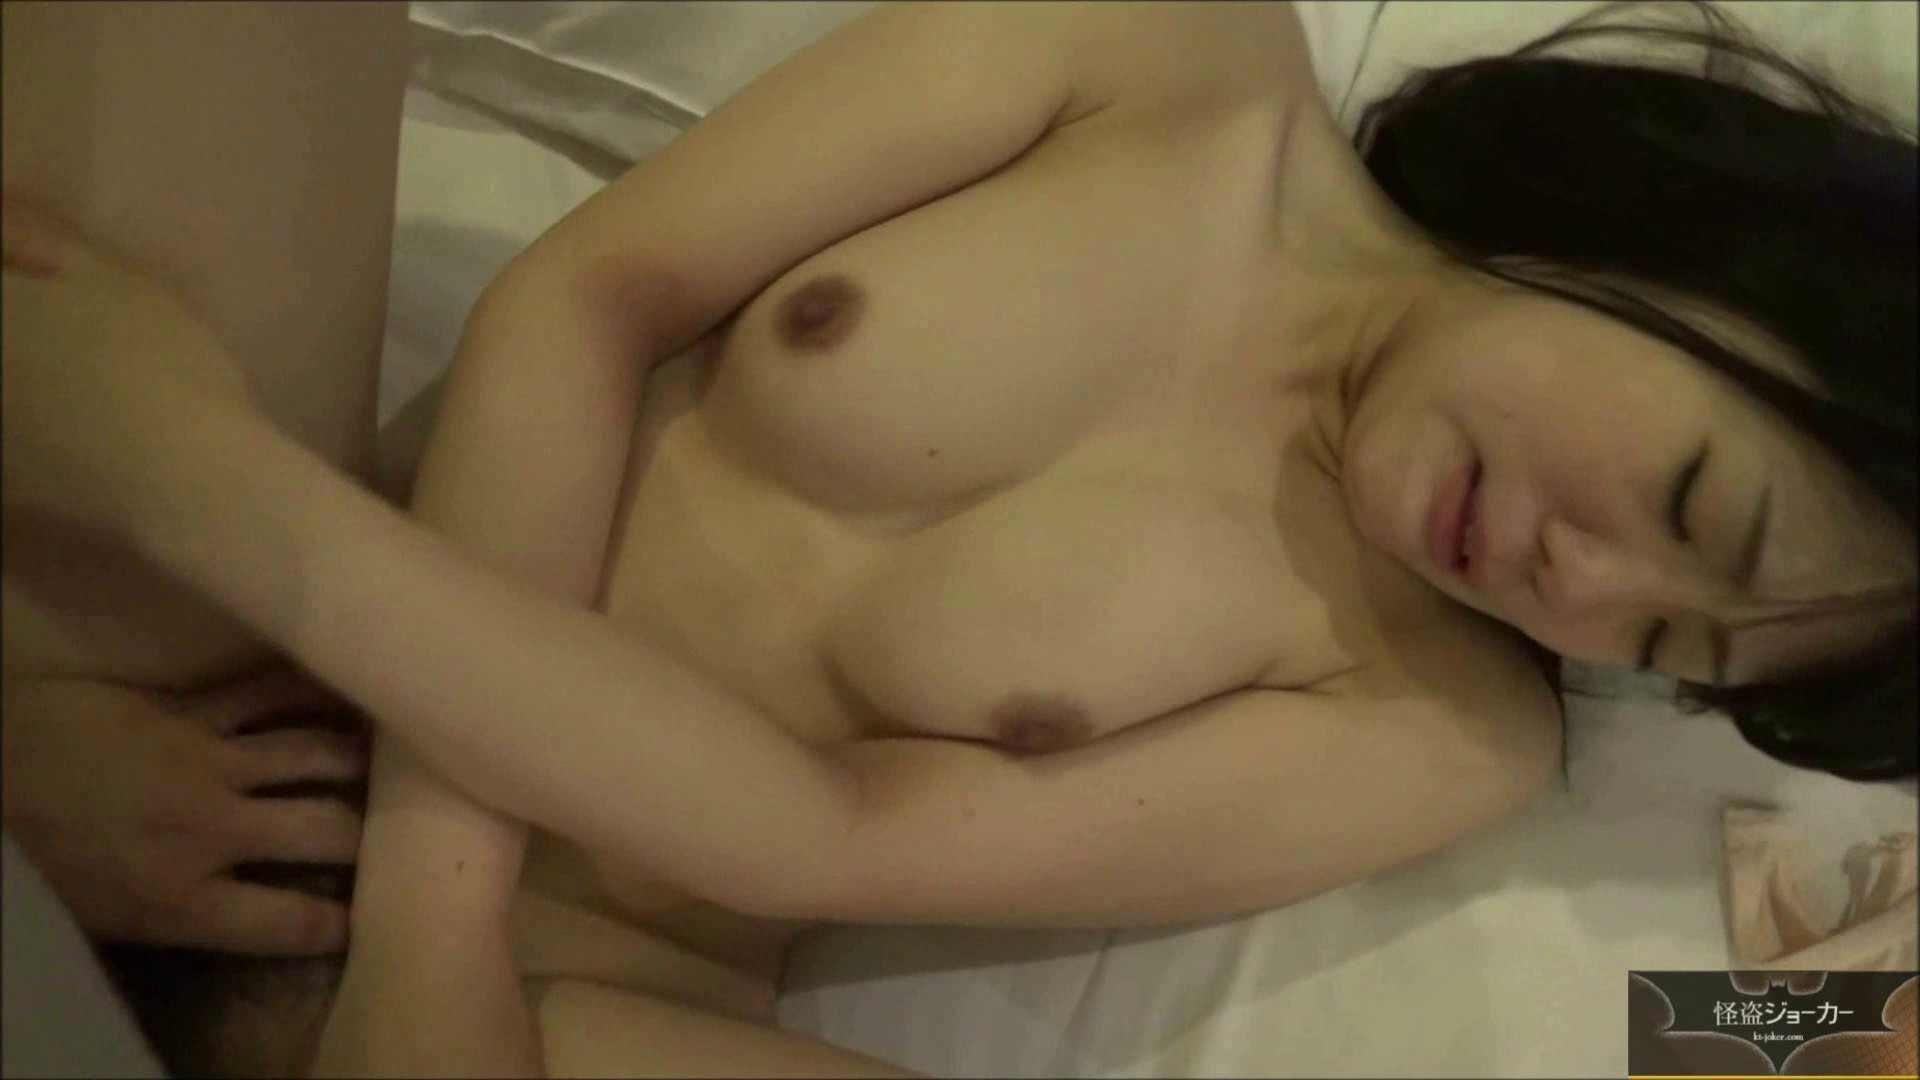 【未公開】vol.82 {関東某有名お嬢様JD}yuunaちゃん④【後編】 ラブホテル  62PIX 5